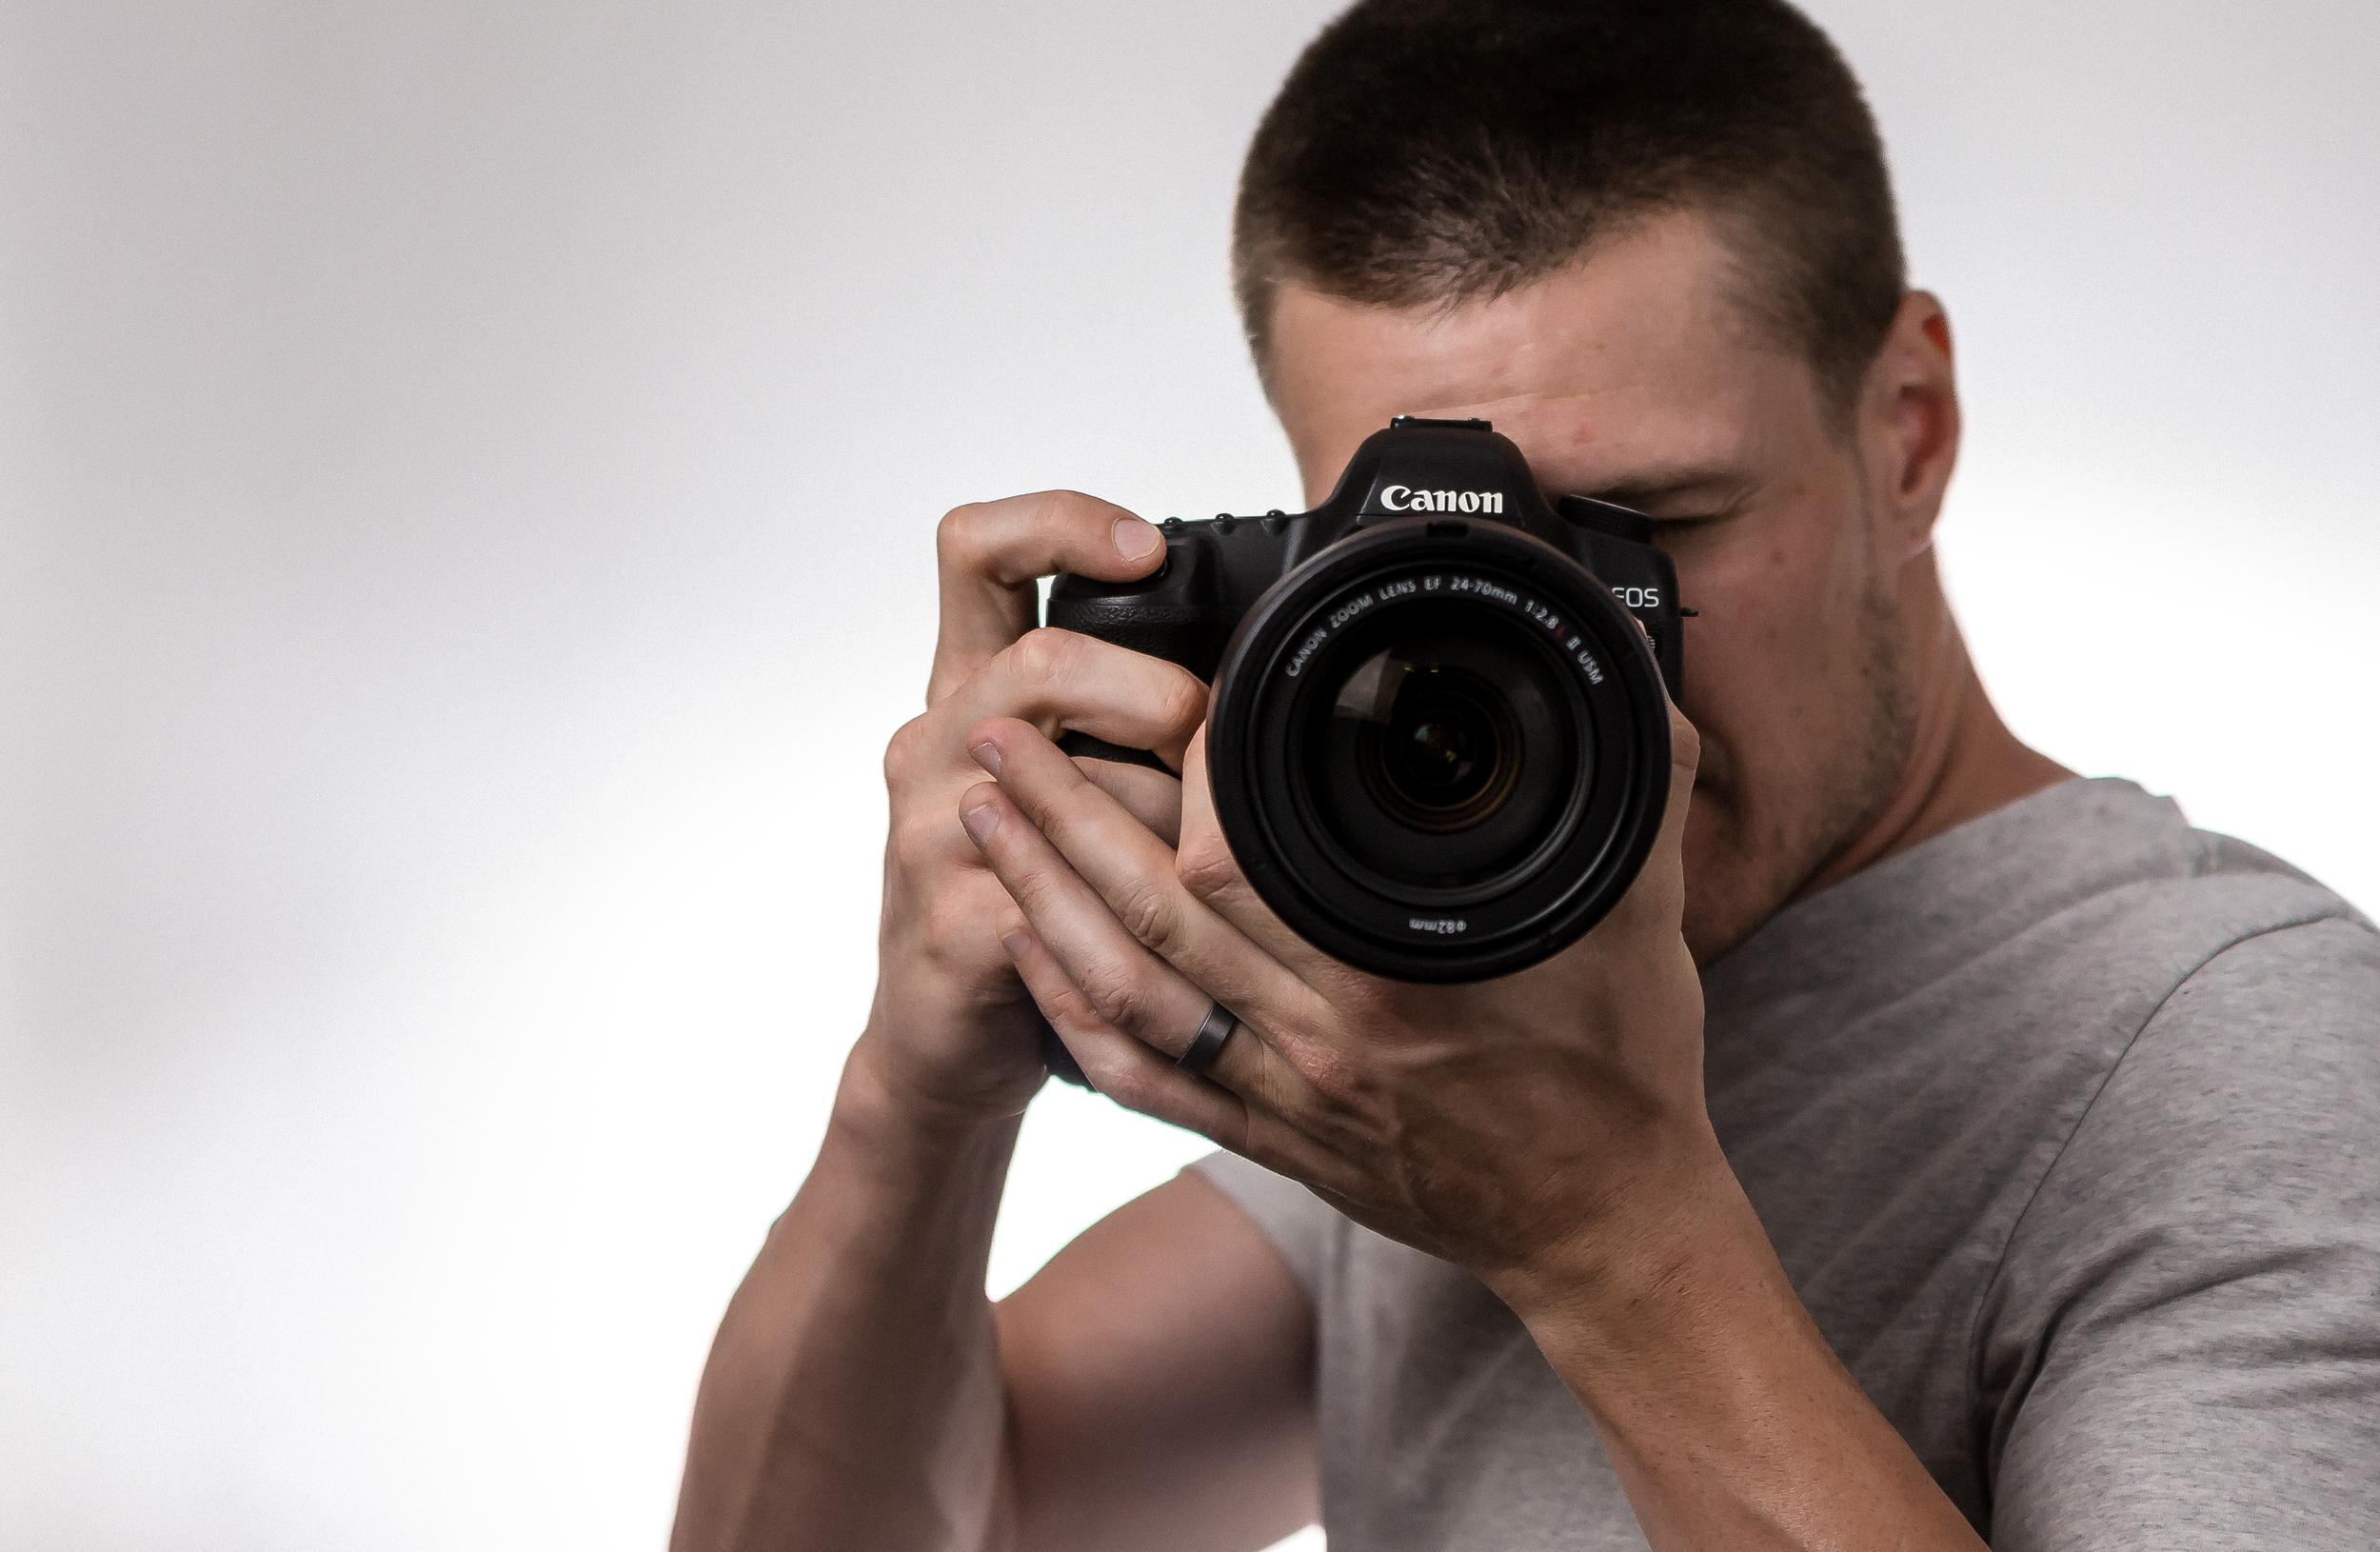 David Robert   Photography